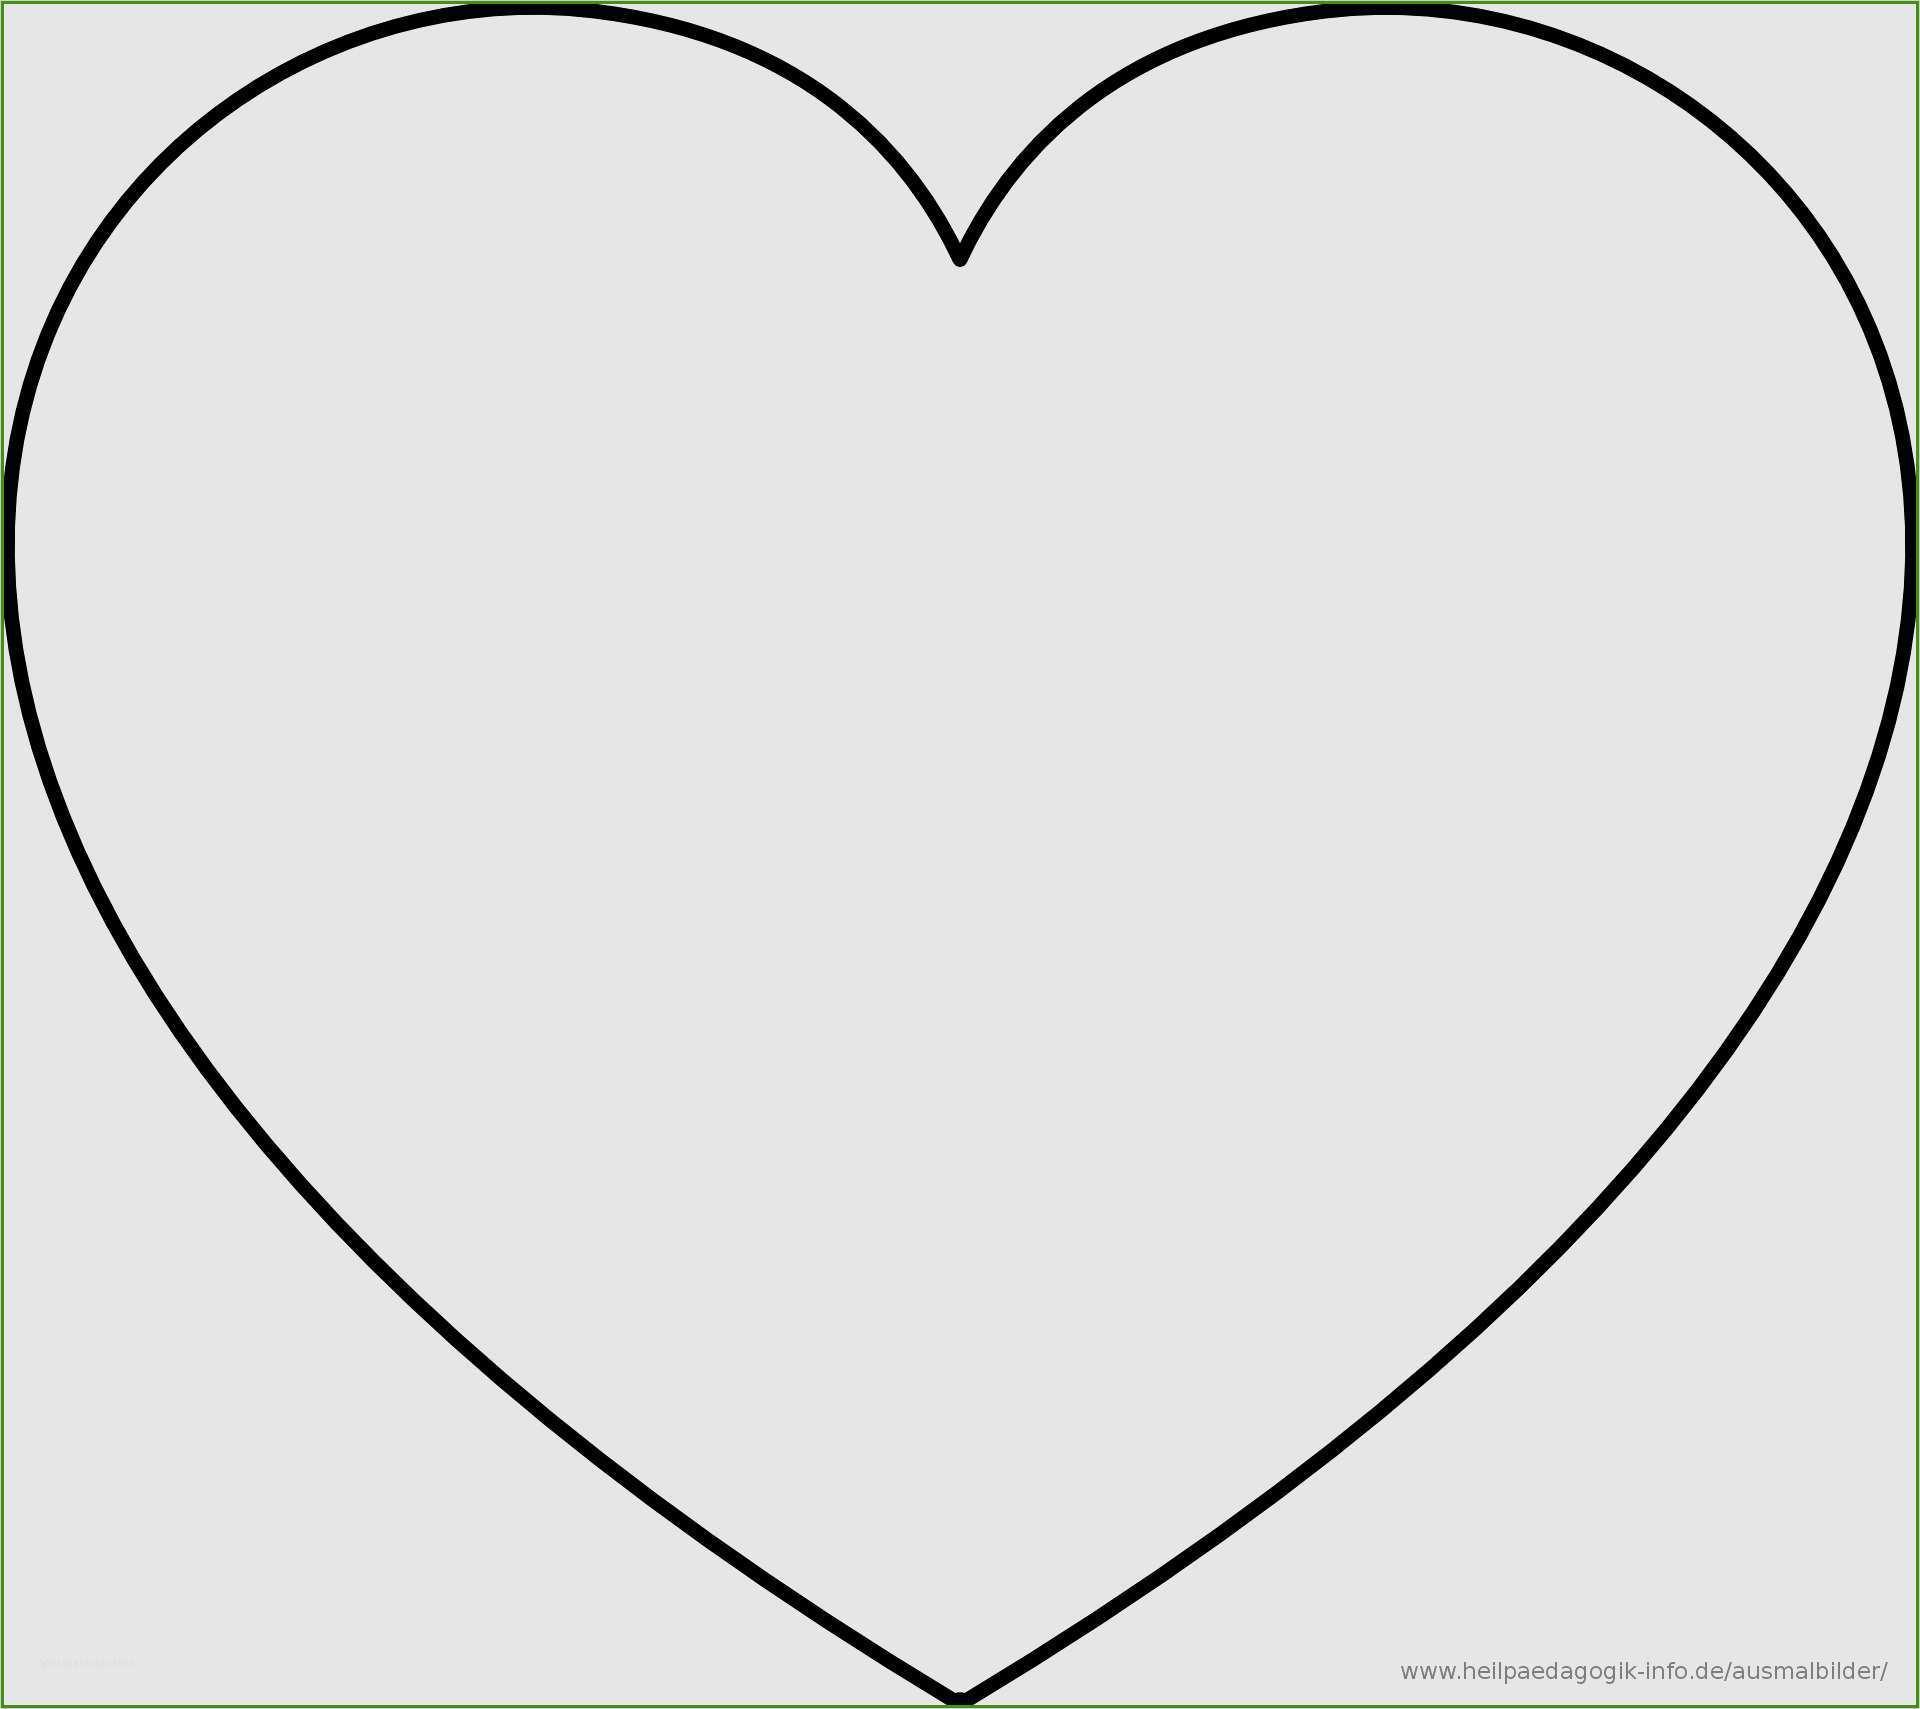 Luxurios Herz Ausdrucken New Herz Vorlage